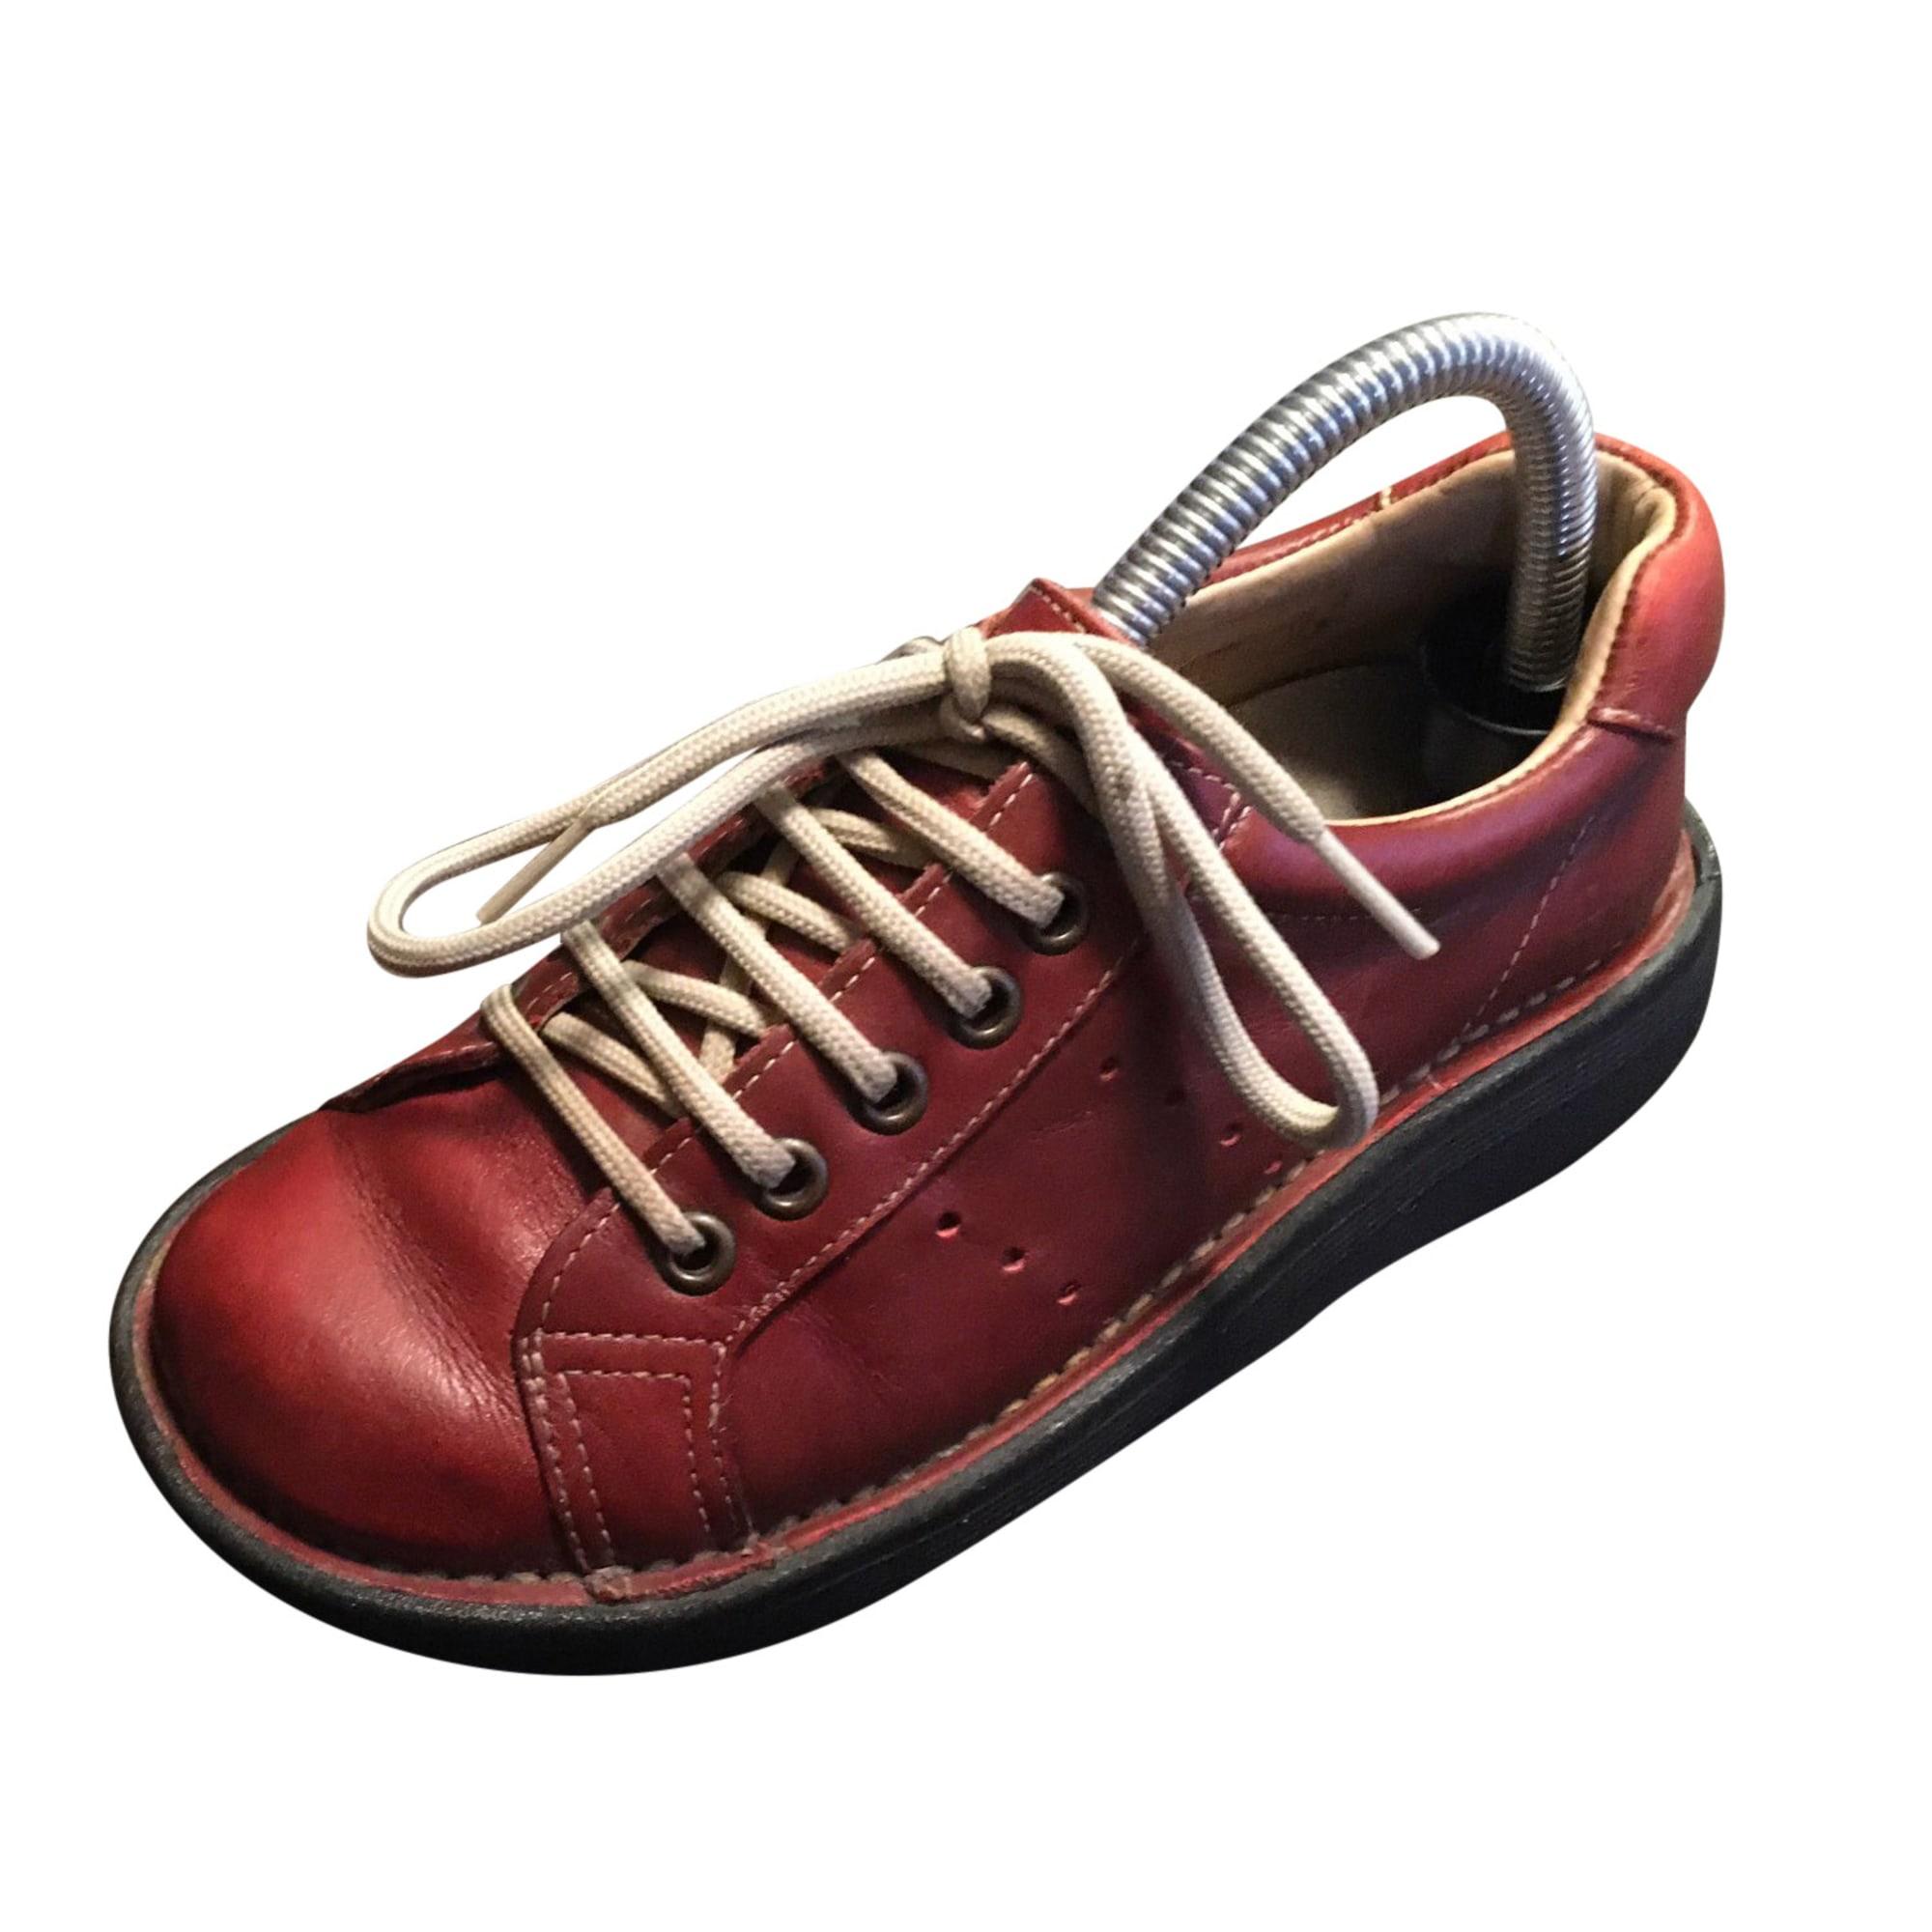 Chaussures à lacets  DR. MARTENS Bordeaux